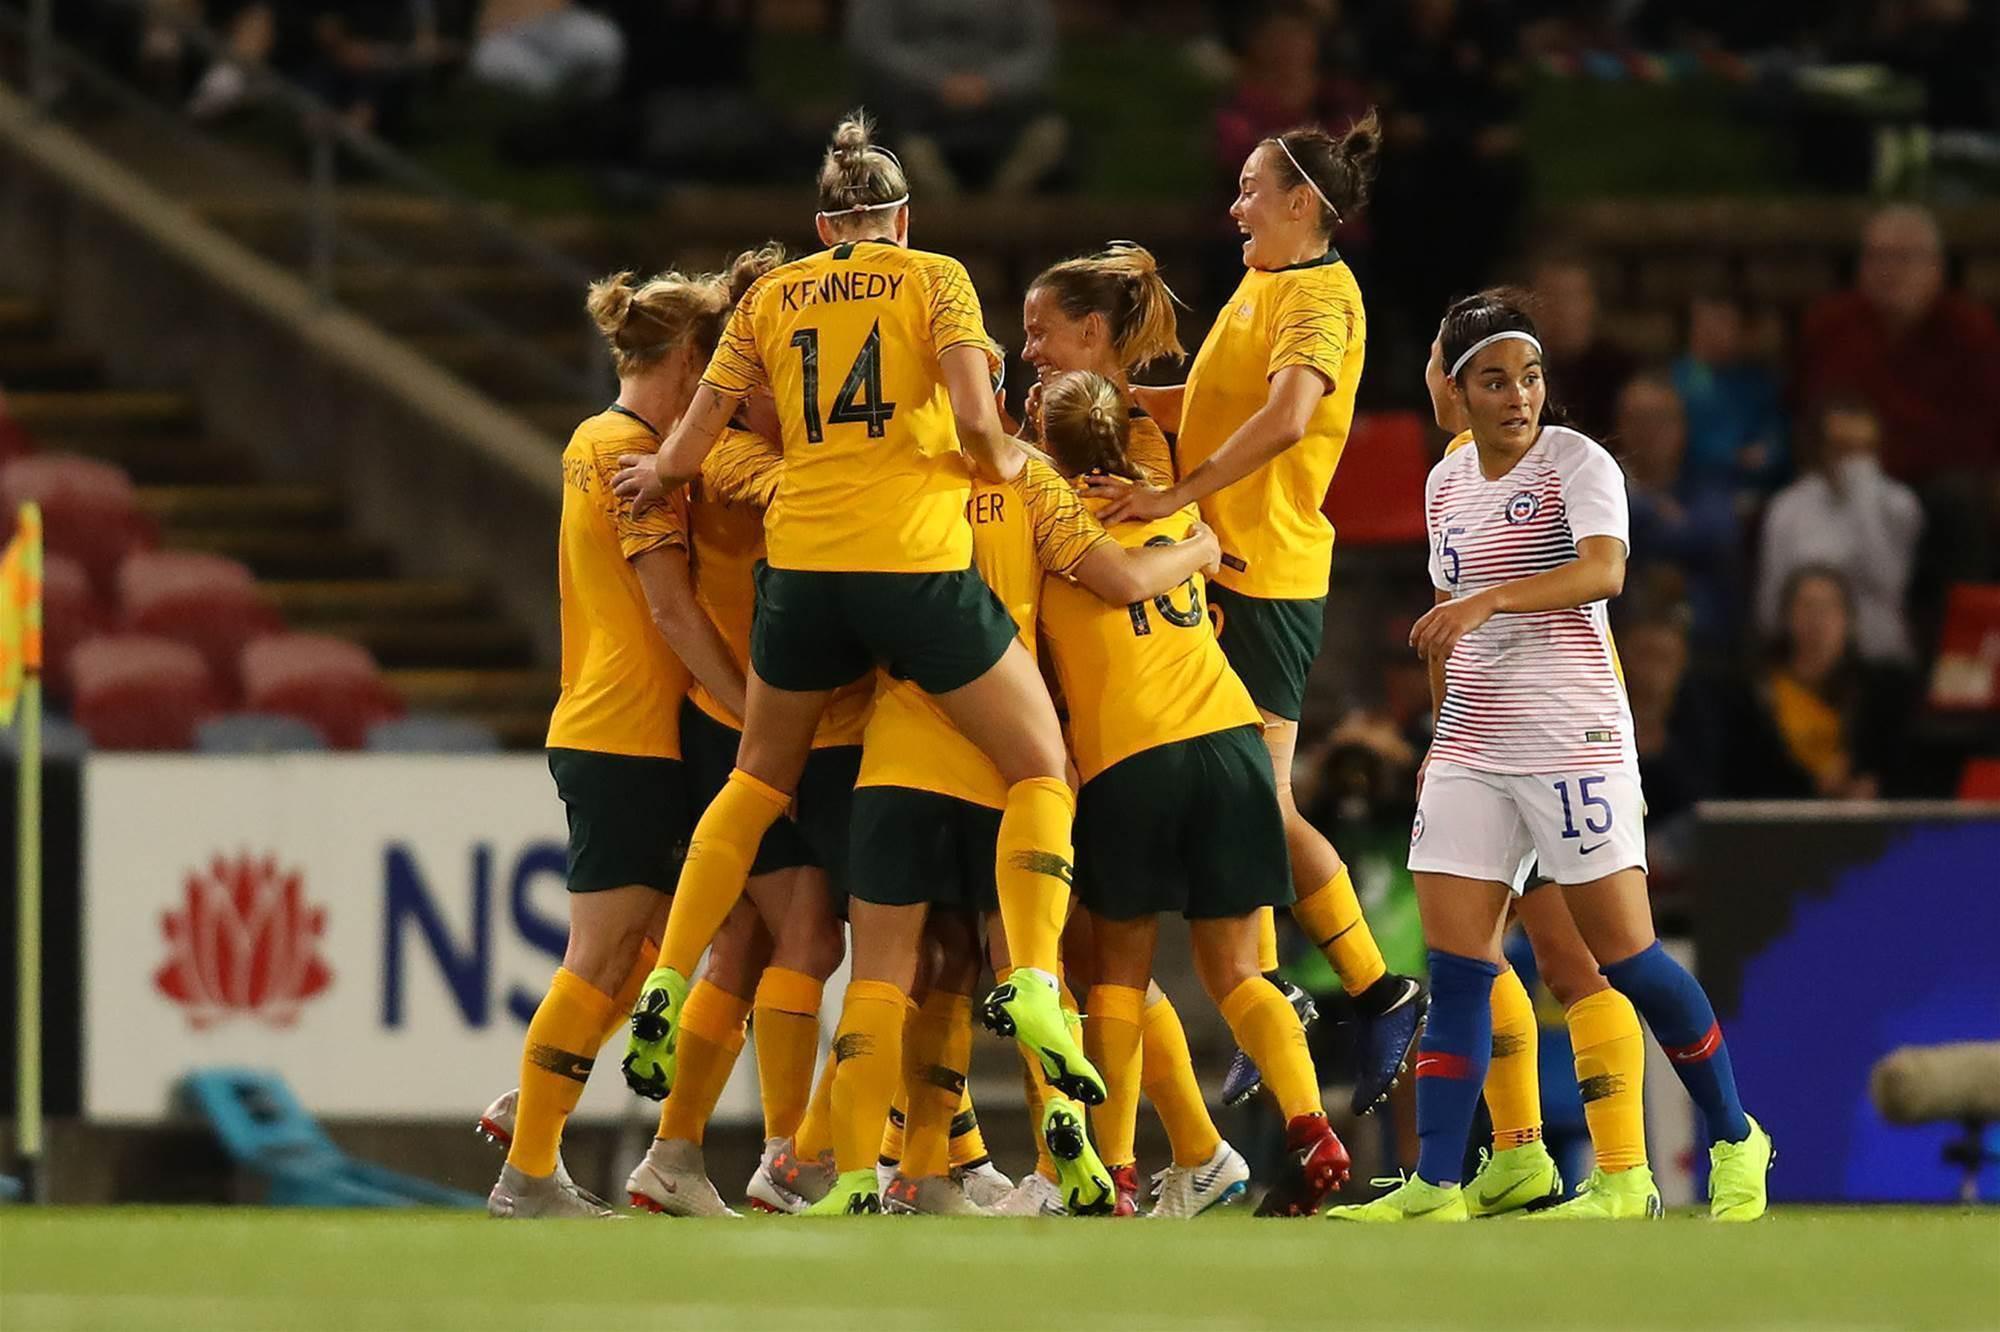 Sokkah Twitter: 2018 Australian Sporting Trends in Review